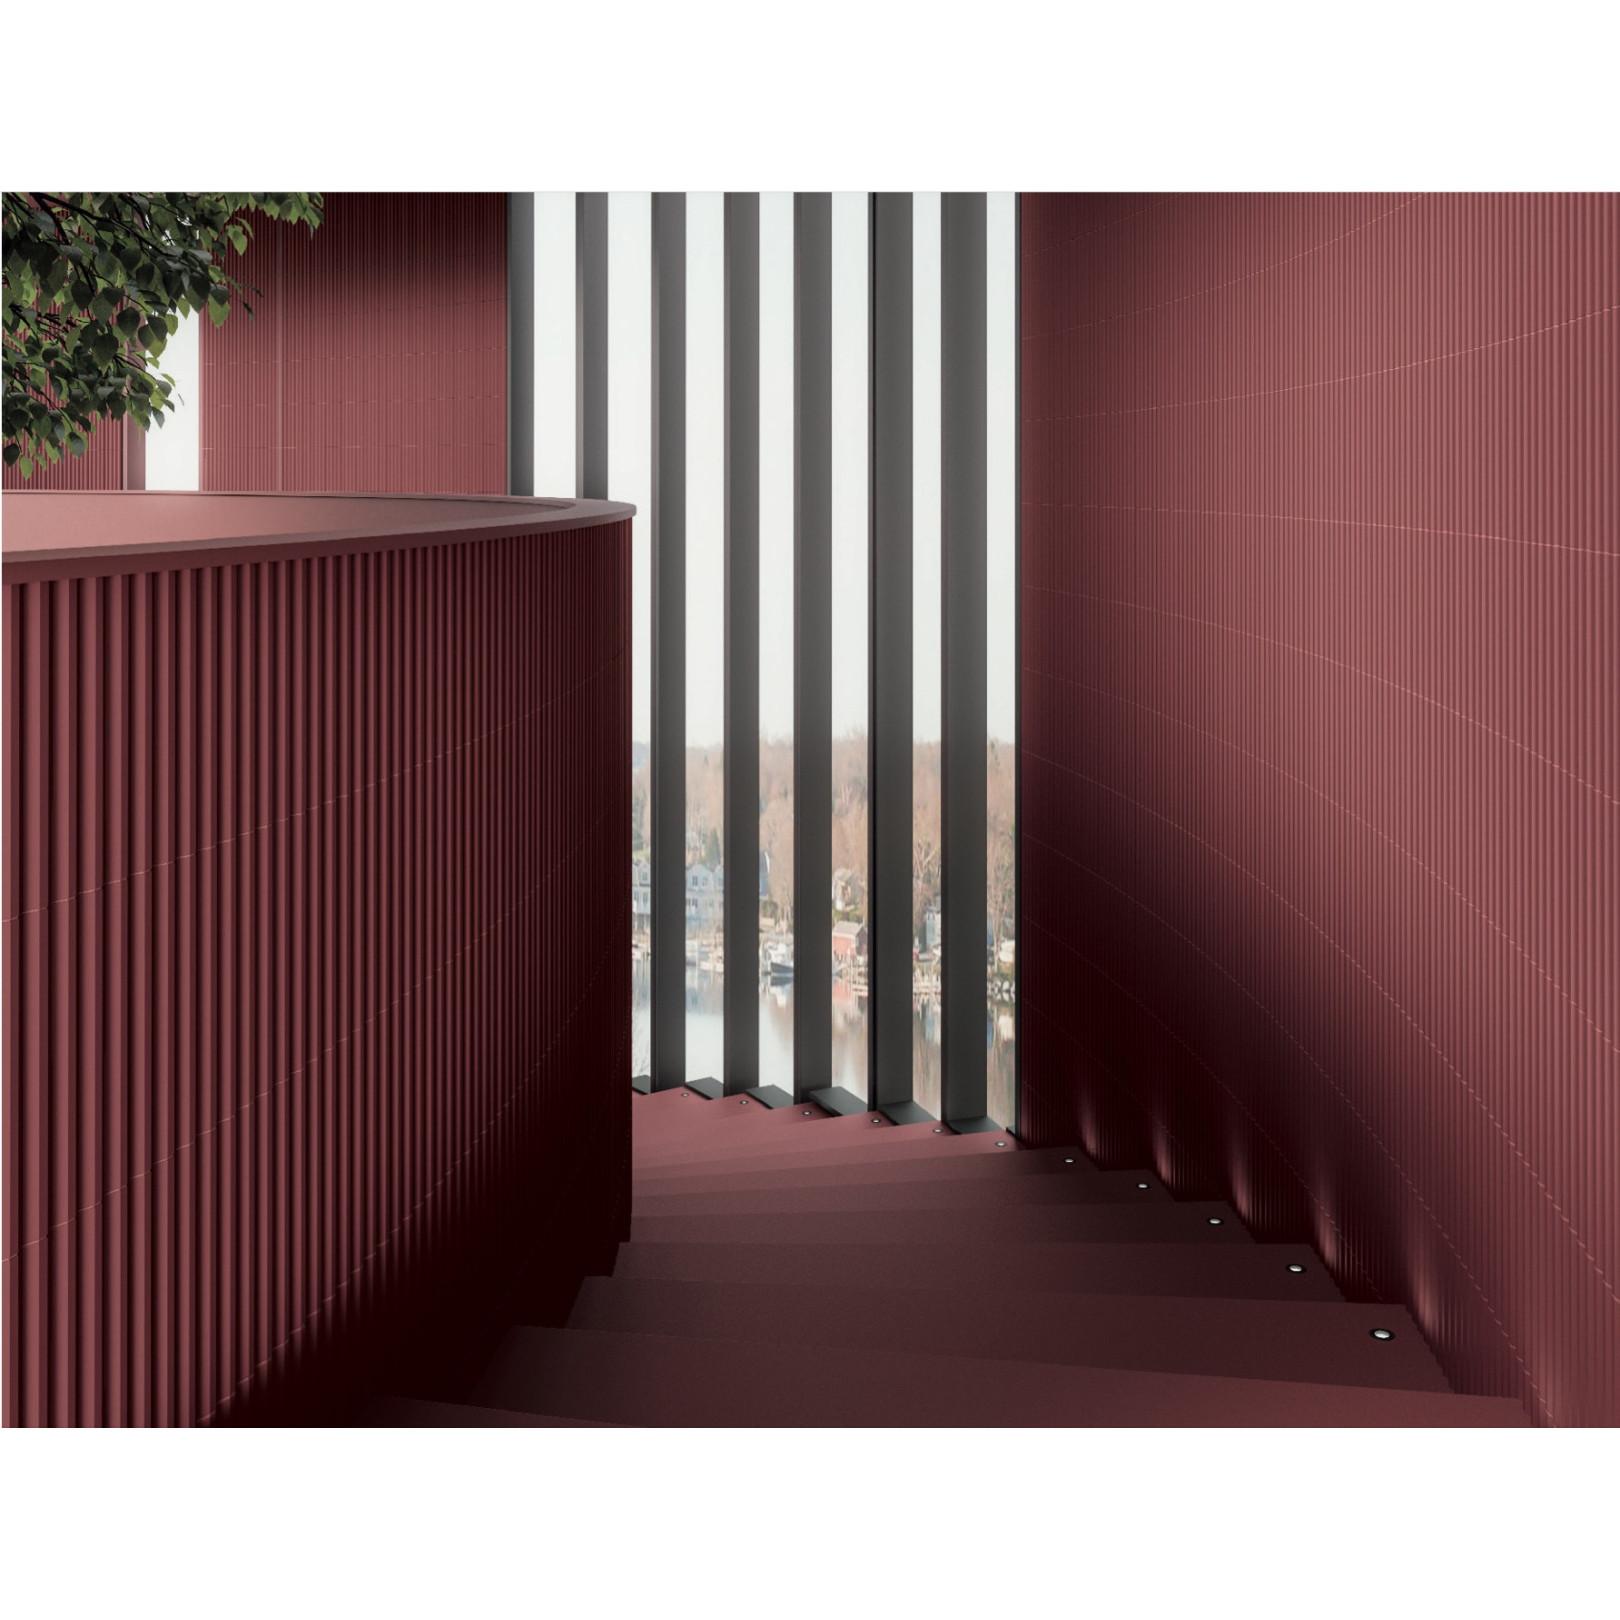 Carrelage mural faience effet graphique Stripes 30x7,5cm (9 couleurs, 3 finitions, 3 designs)